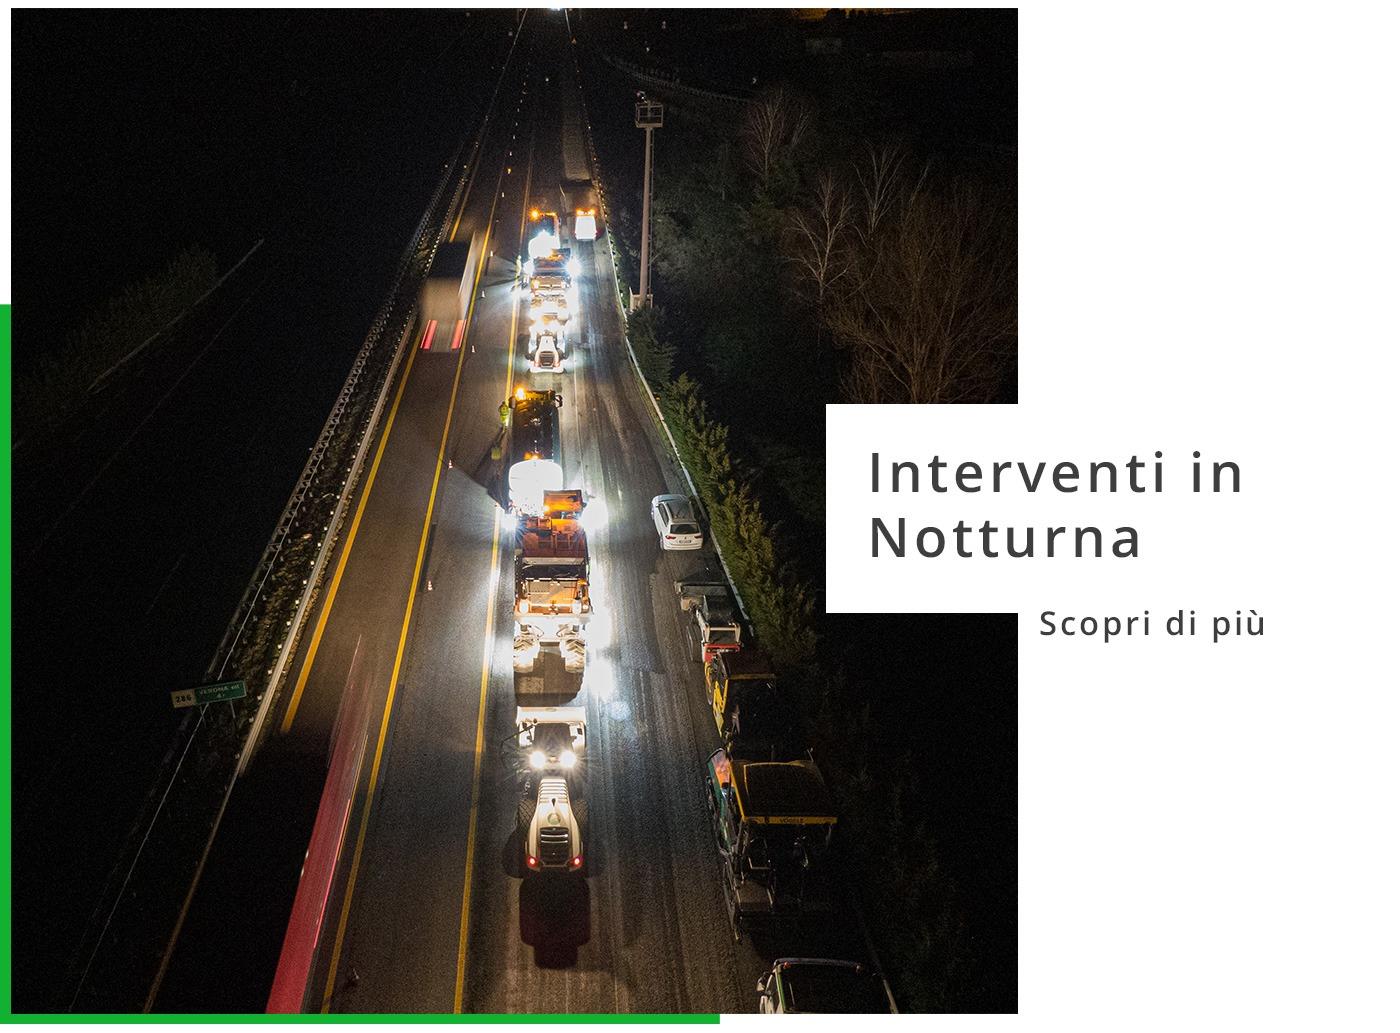 Interventi-in-notturna-blog